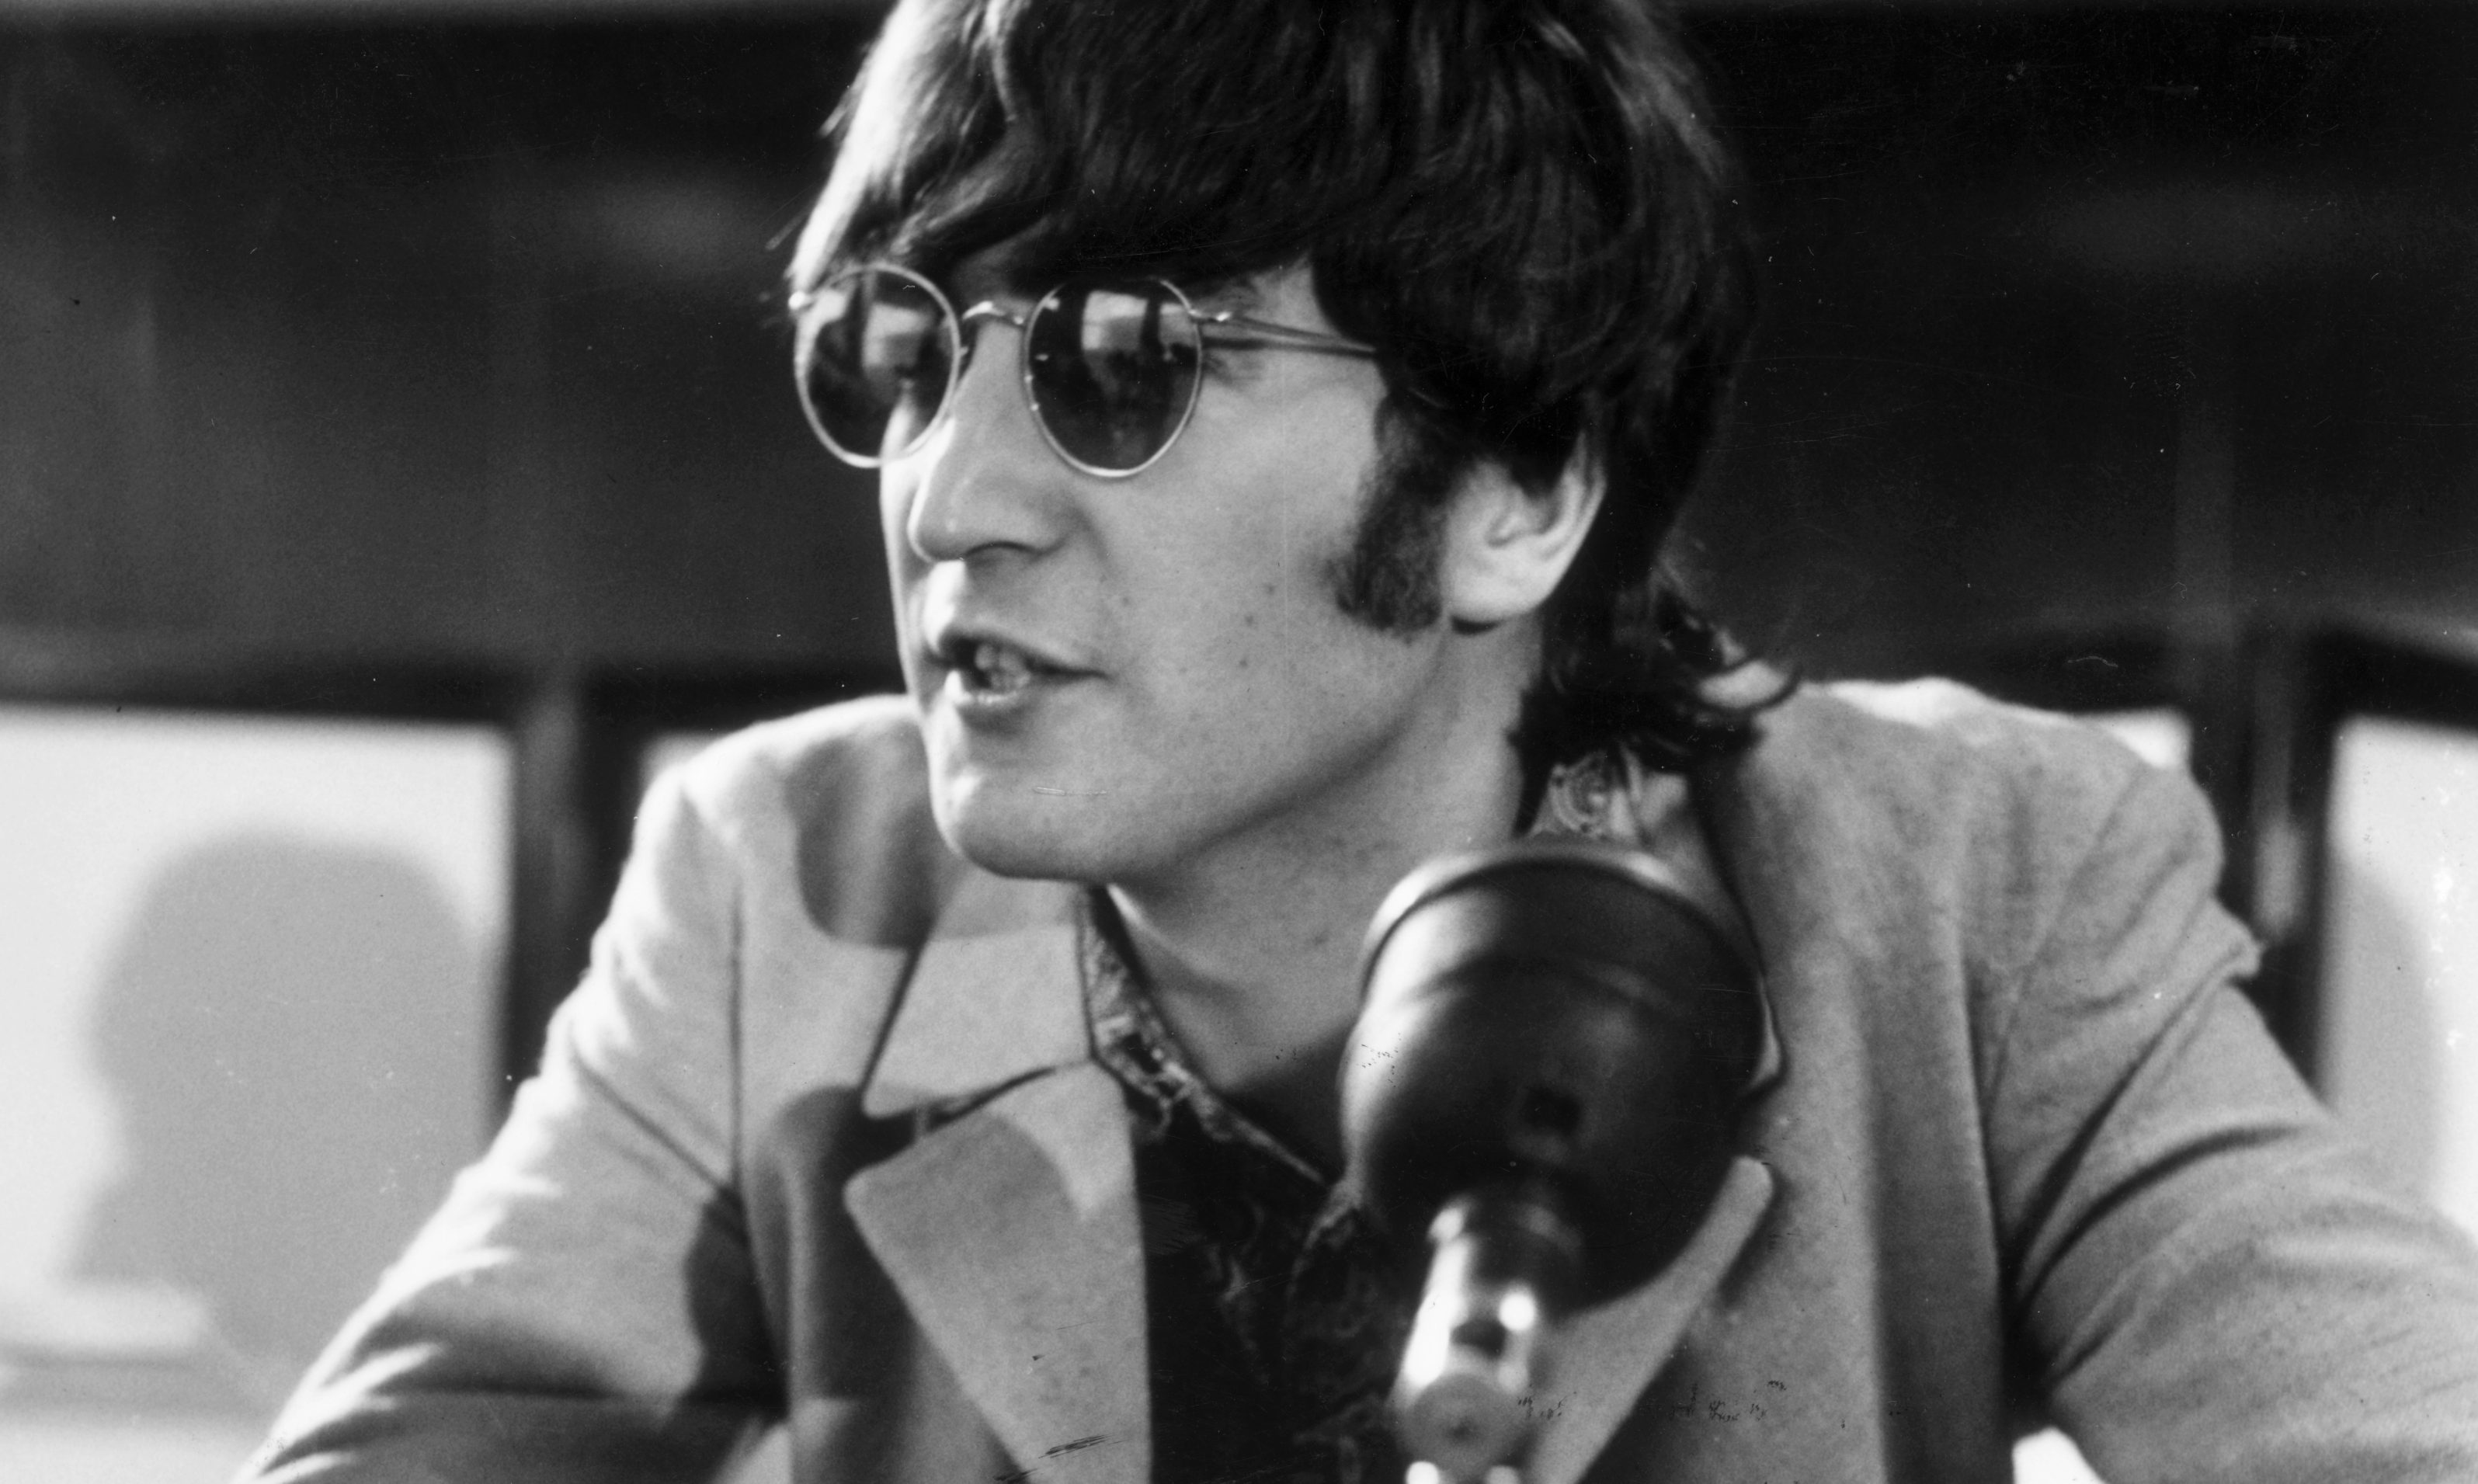 John Lennon quotes to celebrate his 77th birthday